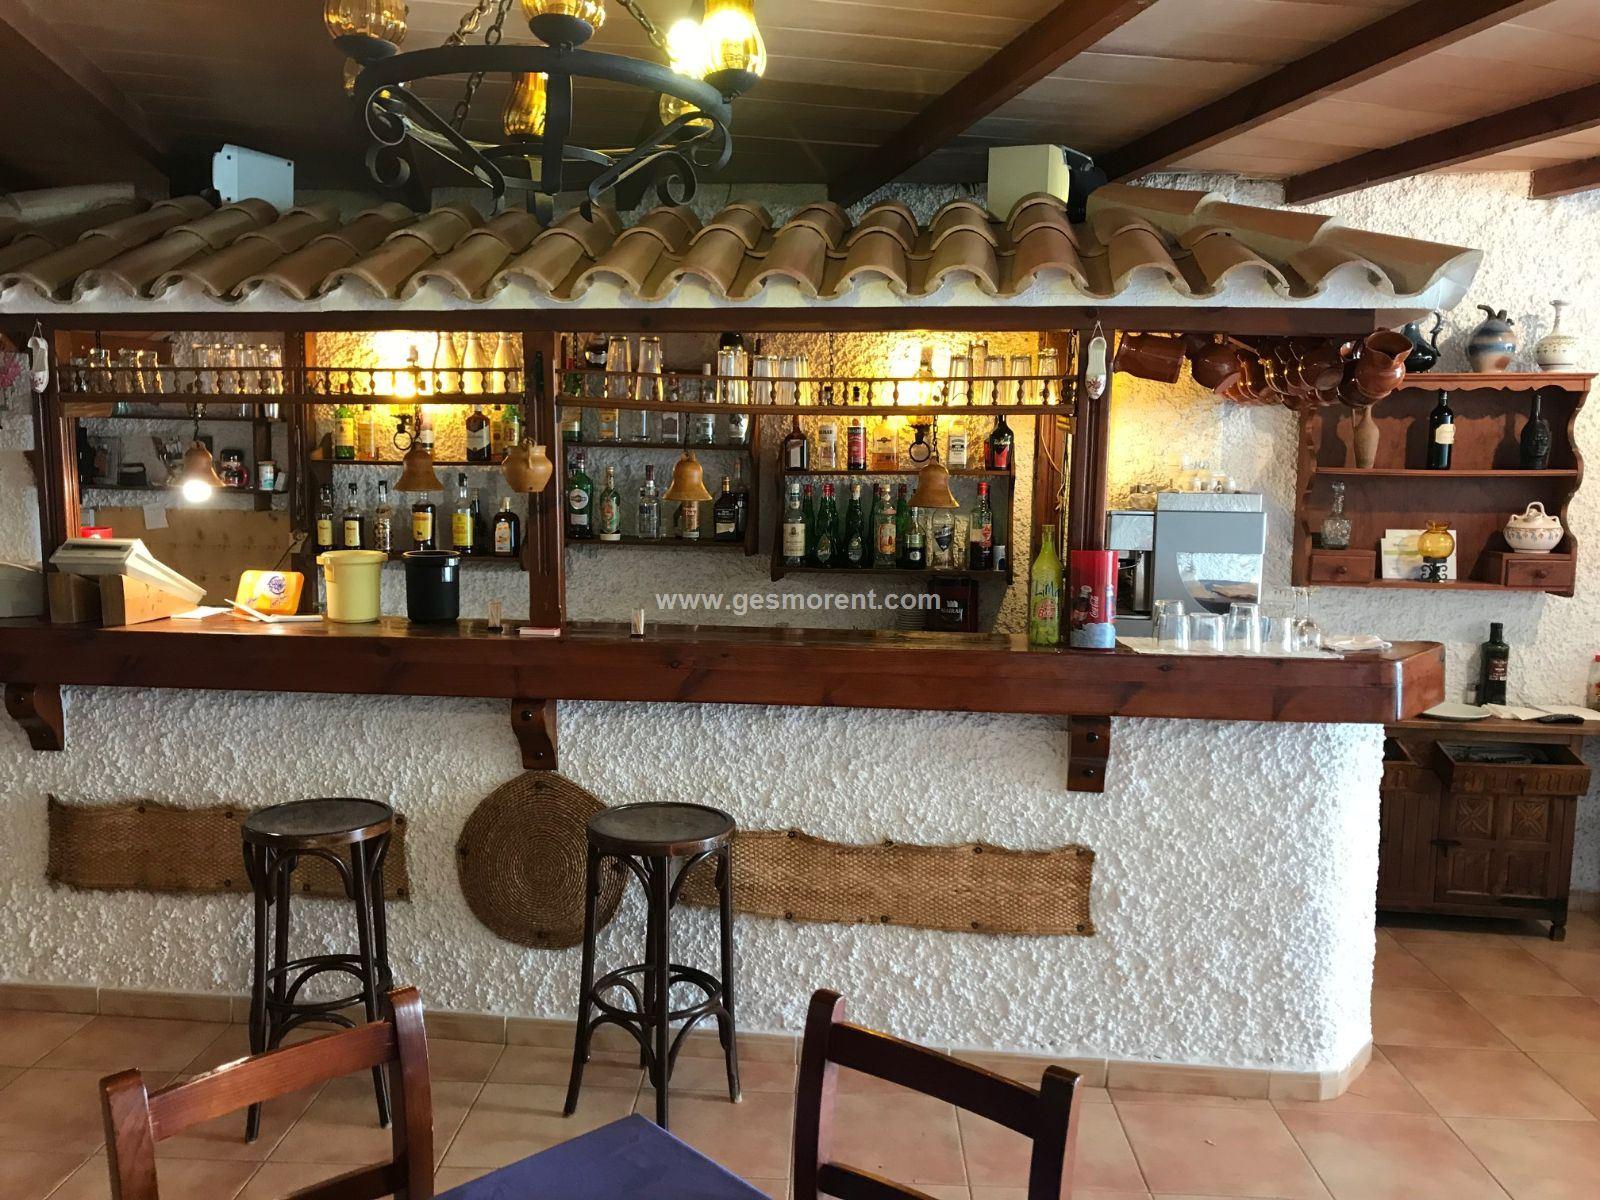 Trapasso Locale commerciale  Calvia - santa ponsa. Restaurante totalmente equipado en traspaso en santa ponça